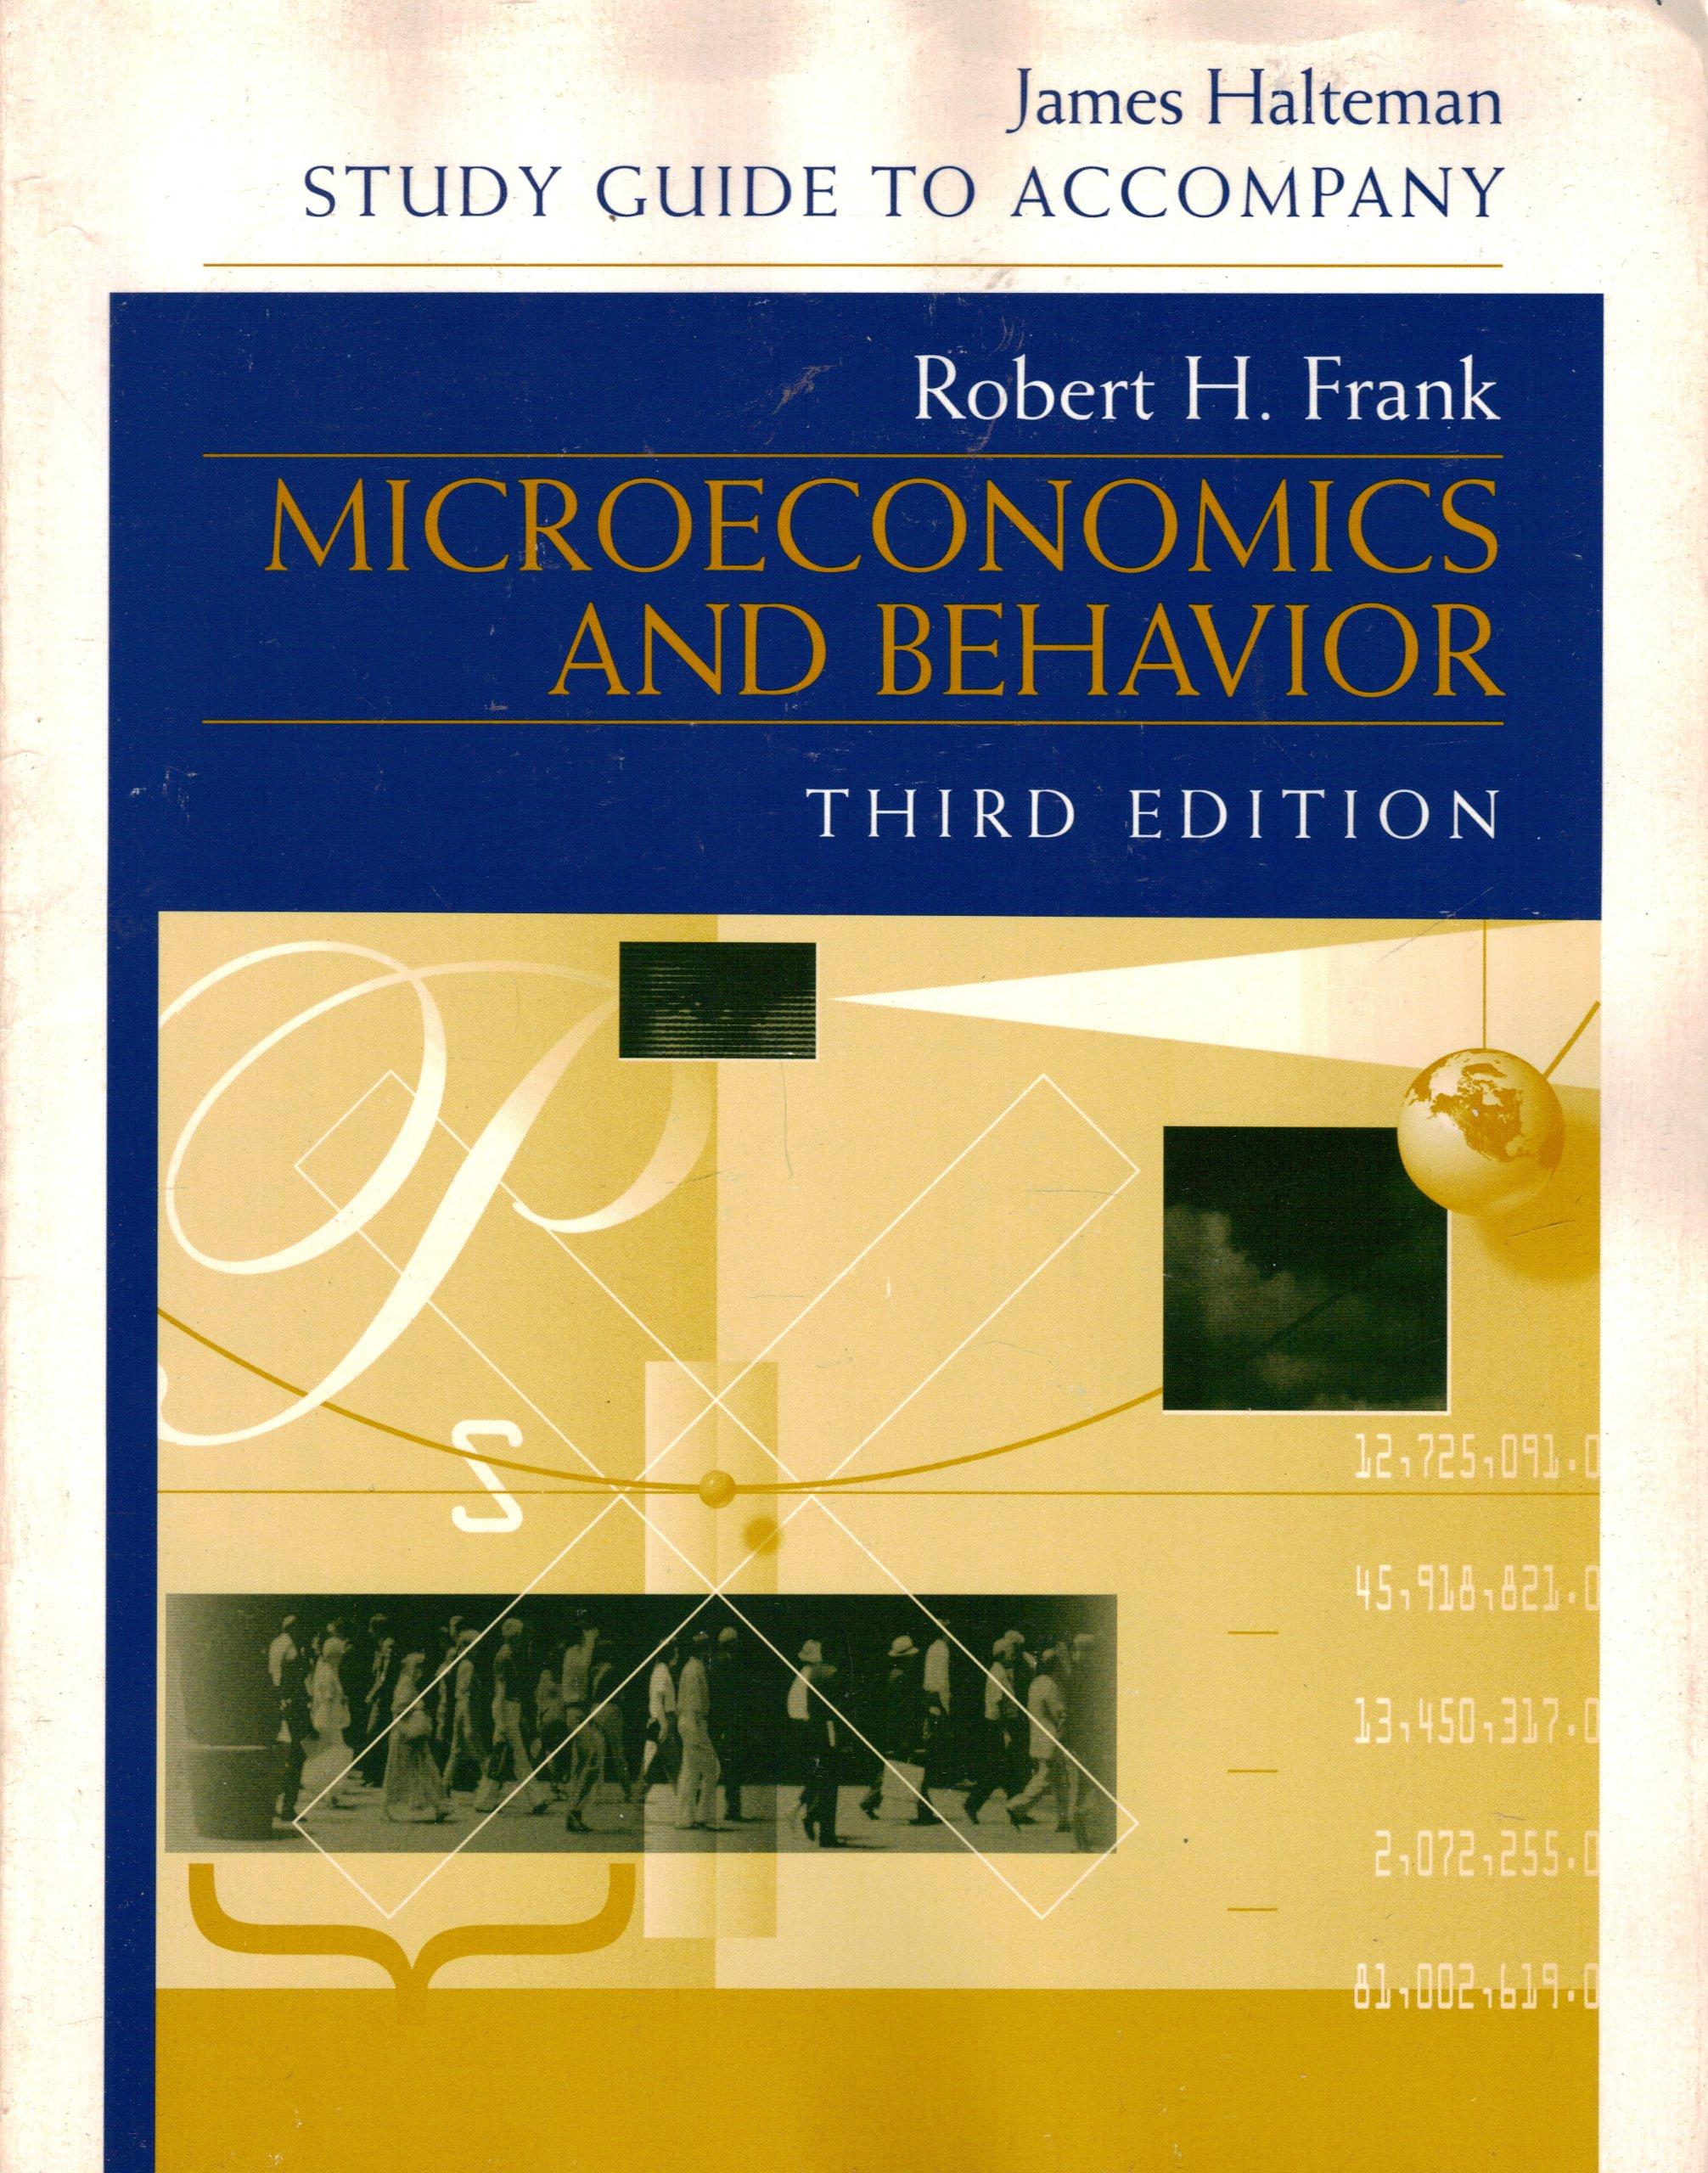 Microeconomics and Behavior: Amazon.co.uk: James Halteman: 9780070218949:  Books